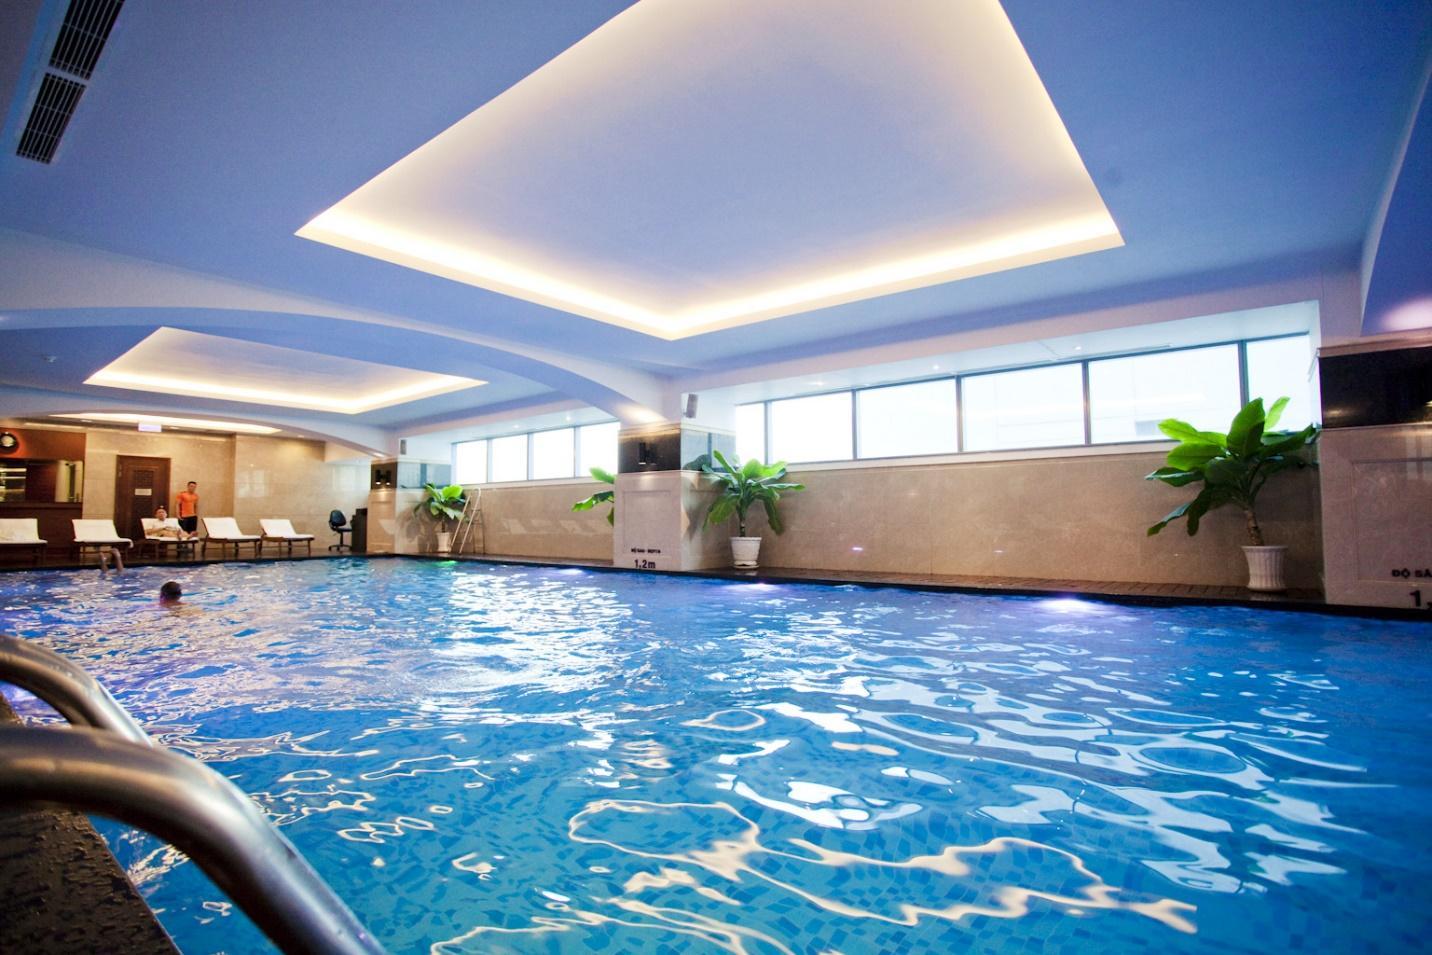 Kết quả hình ảnh cho bể bơi đẹp